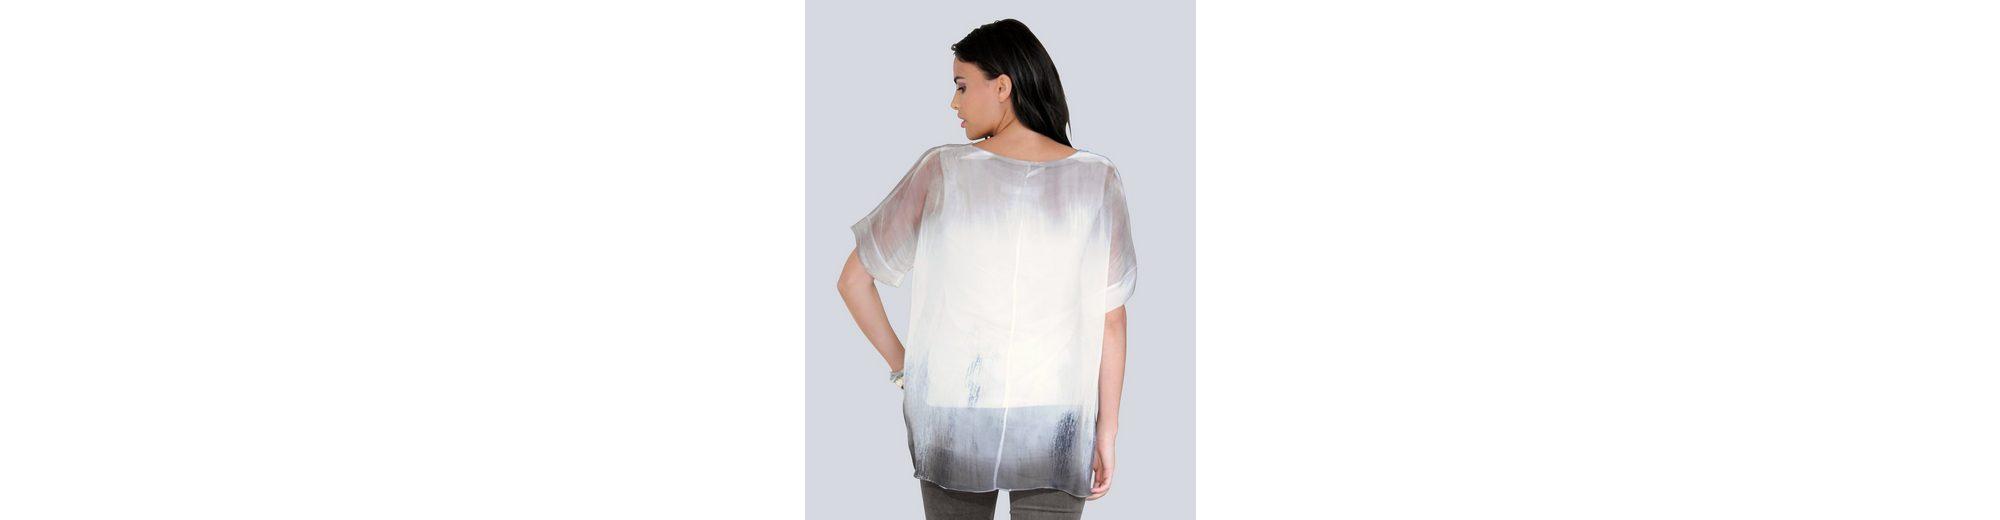 Alba Moda 2-in-1-Bluse Modischer Print mit Farbverlauf  Wie Viel Freies Verschiffen Echte Billig Billig Austrittsstellen Online ZGWqhZMtuc